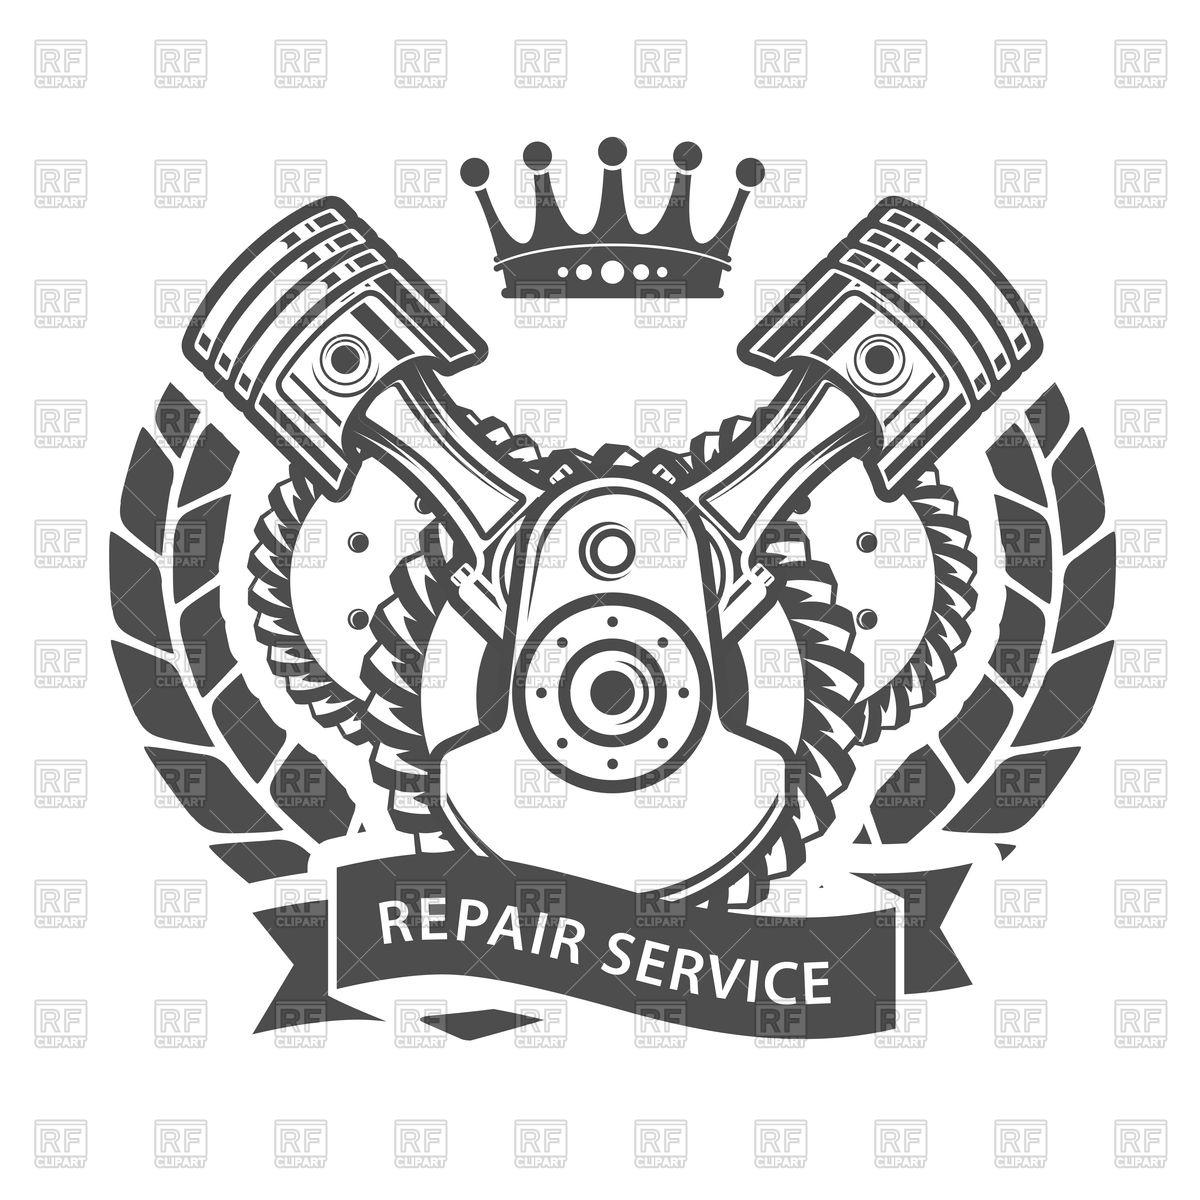 1200x1200 Auto Repair Service Emblem